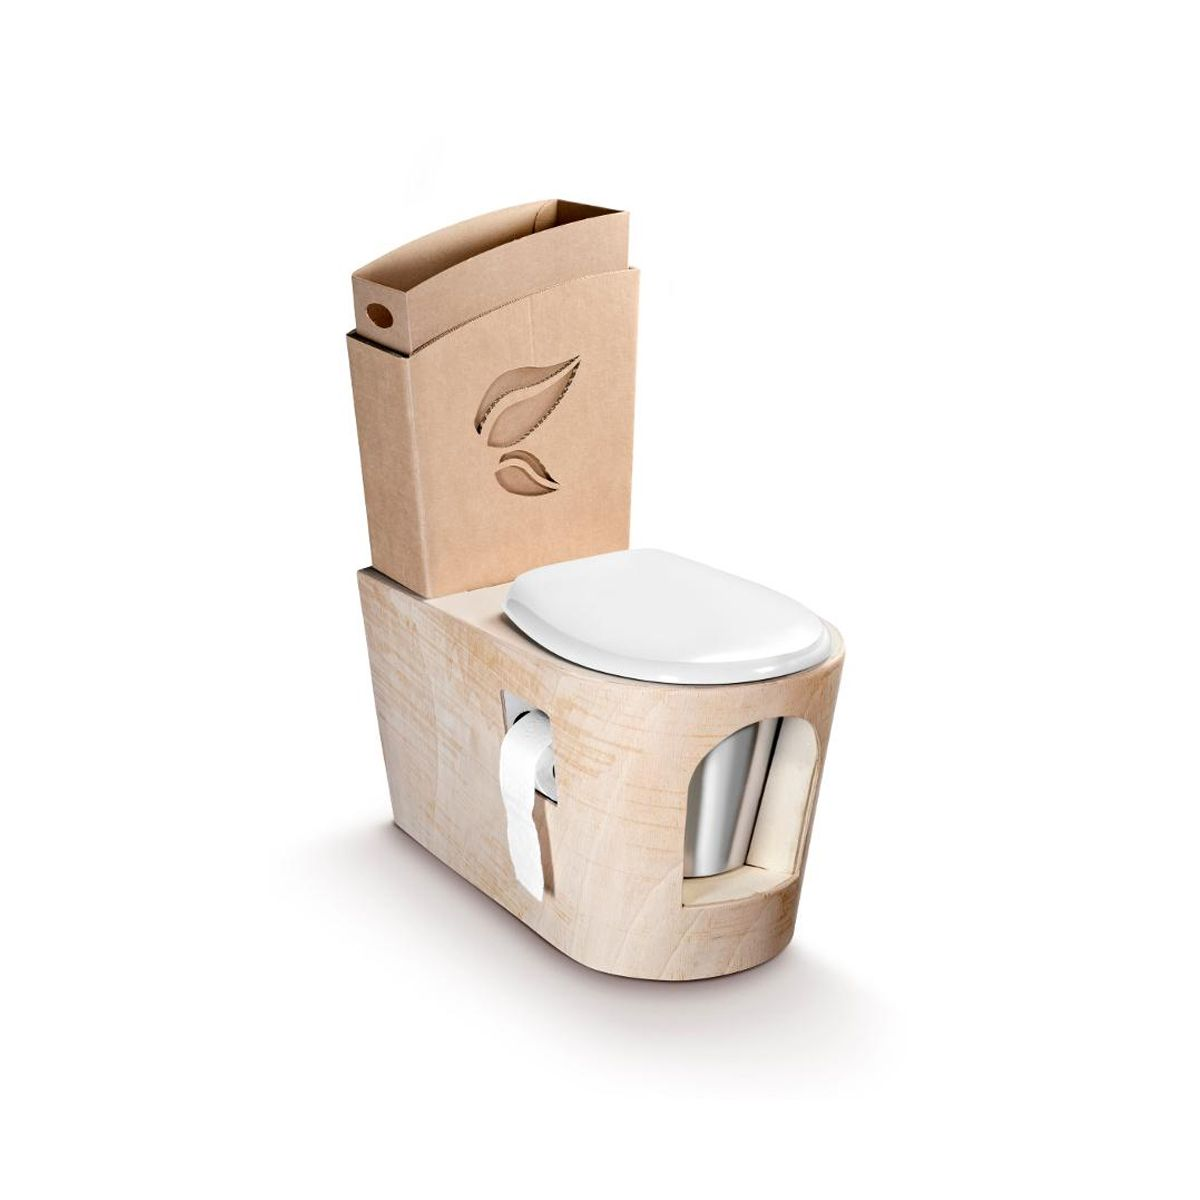 Toilettes Sèches En Appartement toilette sèche avec base en bois brut | kenzaï matériaux Écologiques